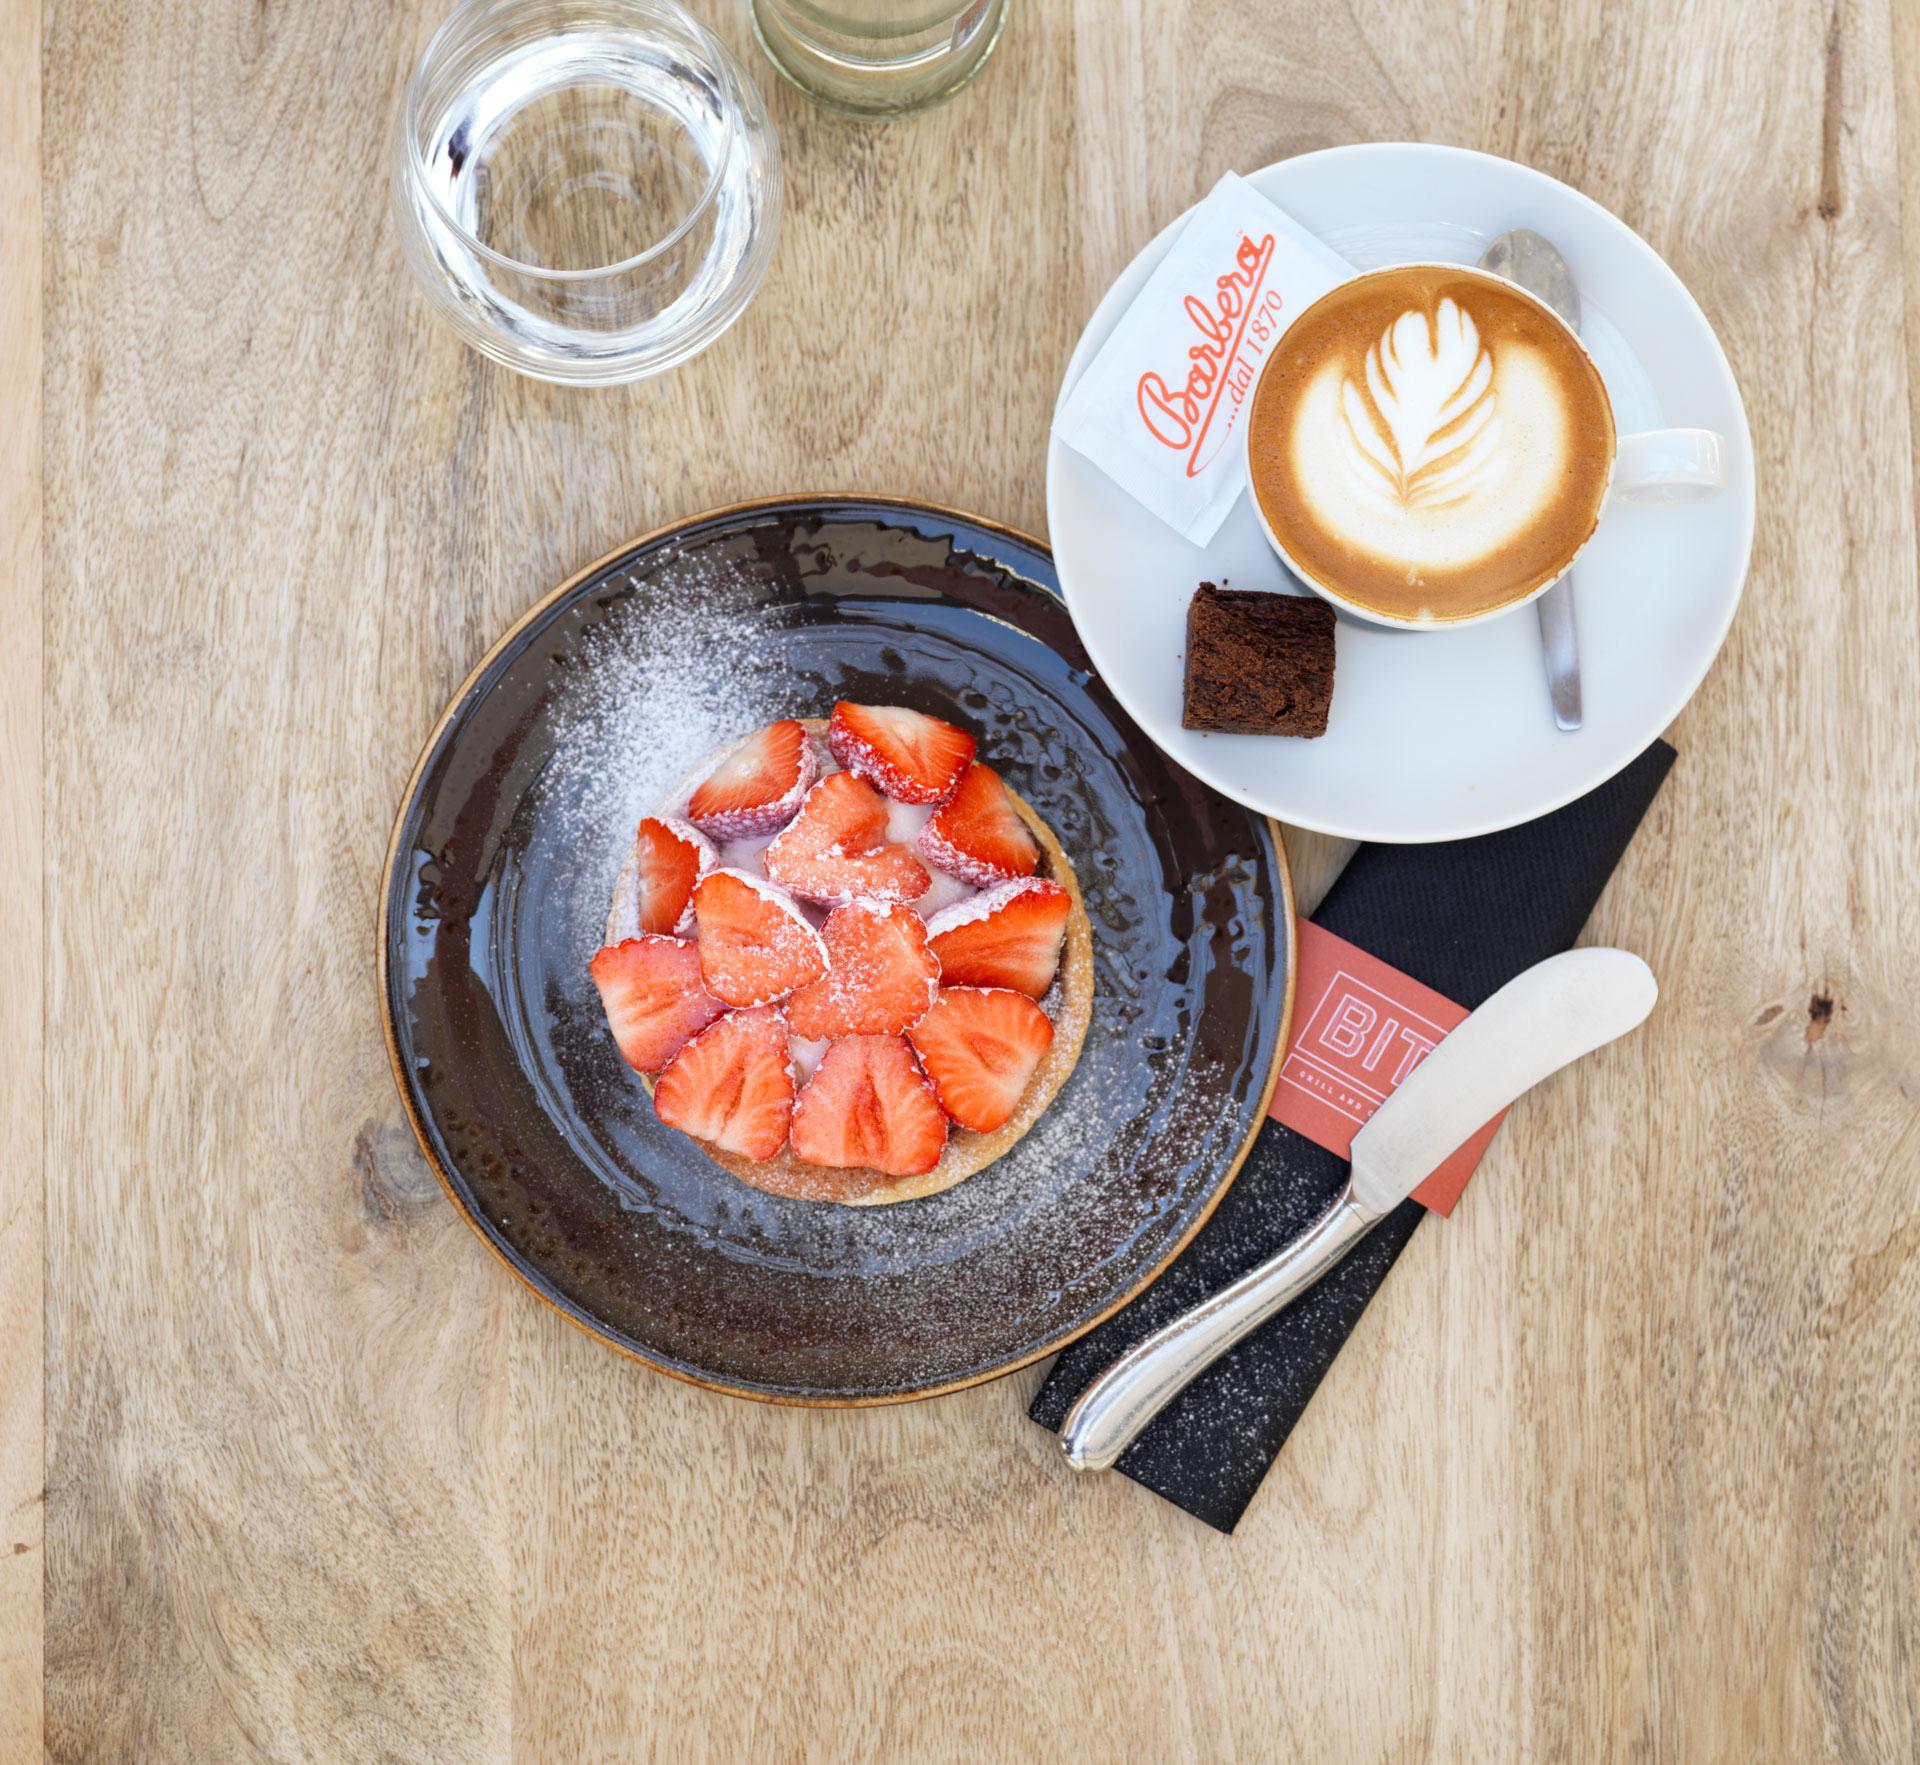 Aardbeientaart BIT Grill & Café